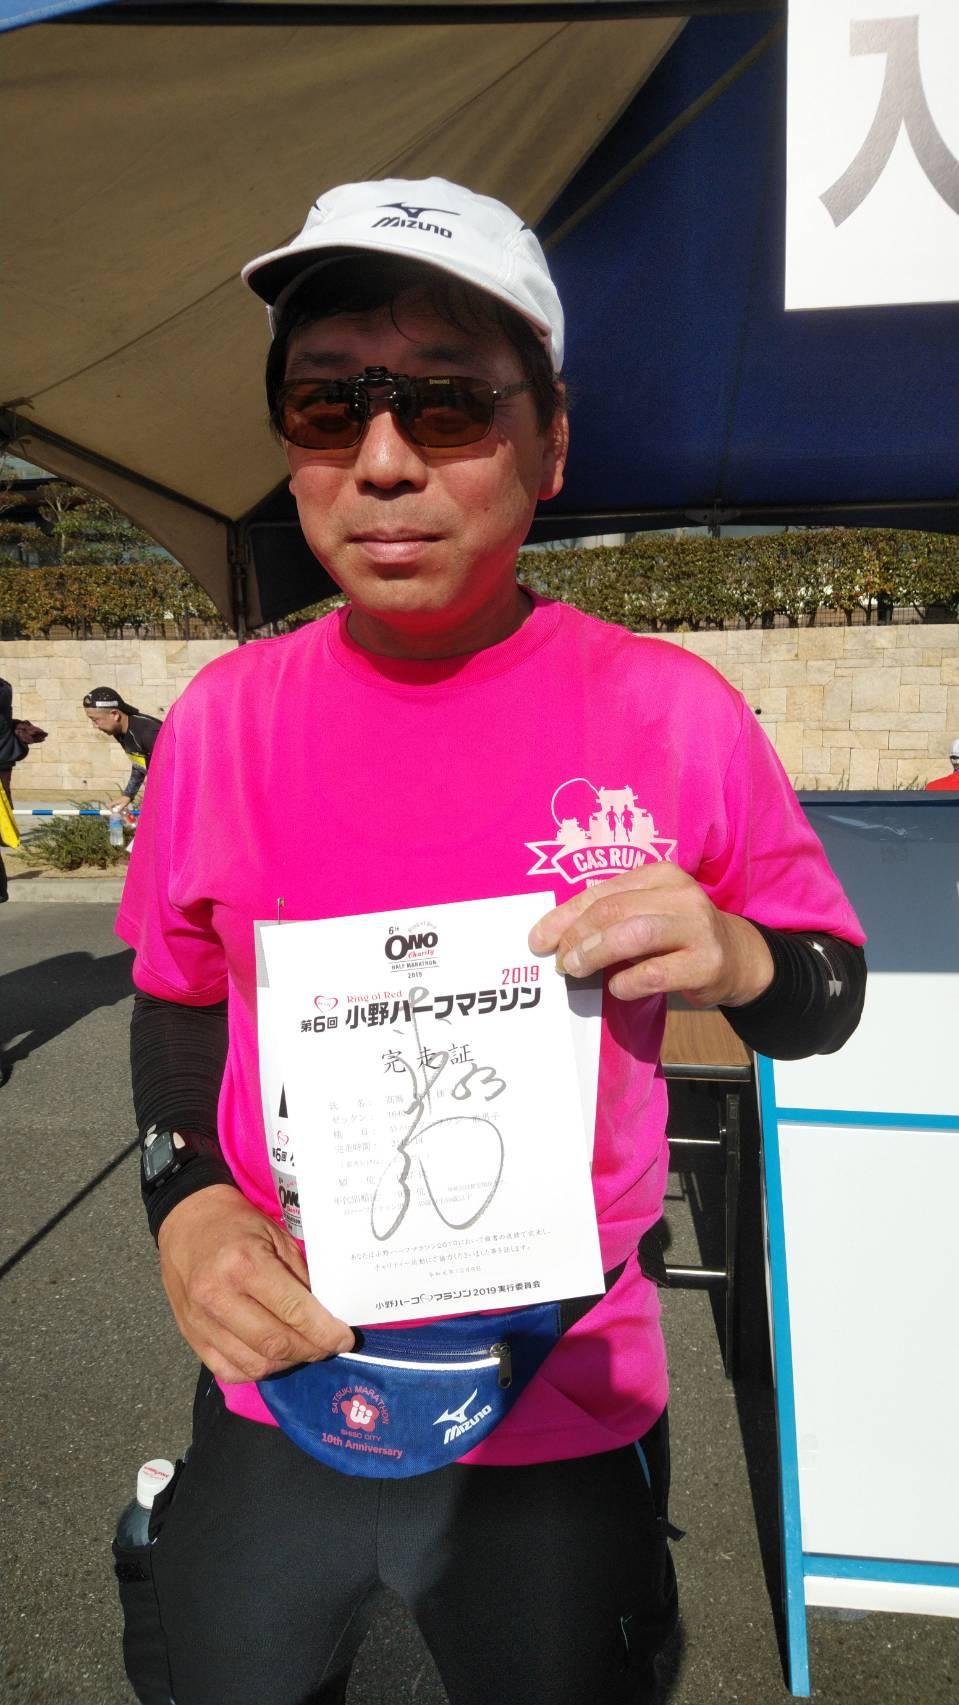 第6回小野ハーフマラソン tak-mさん2